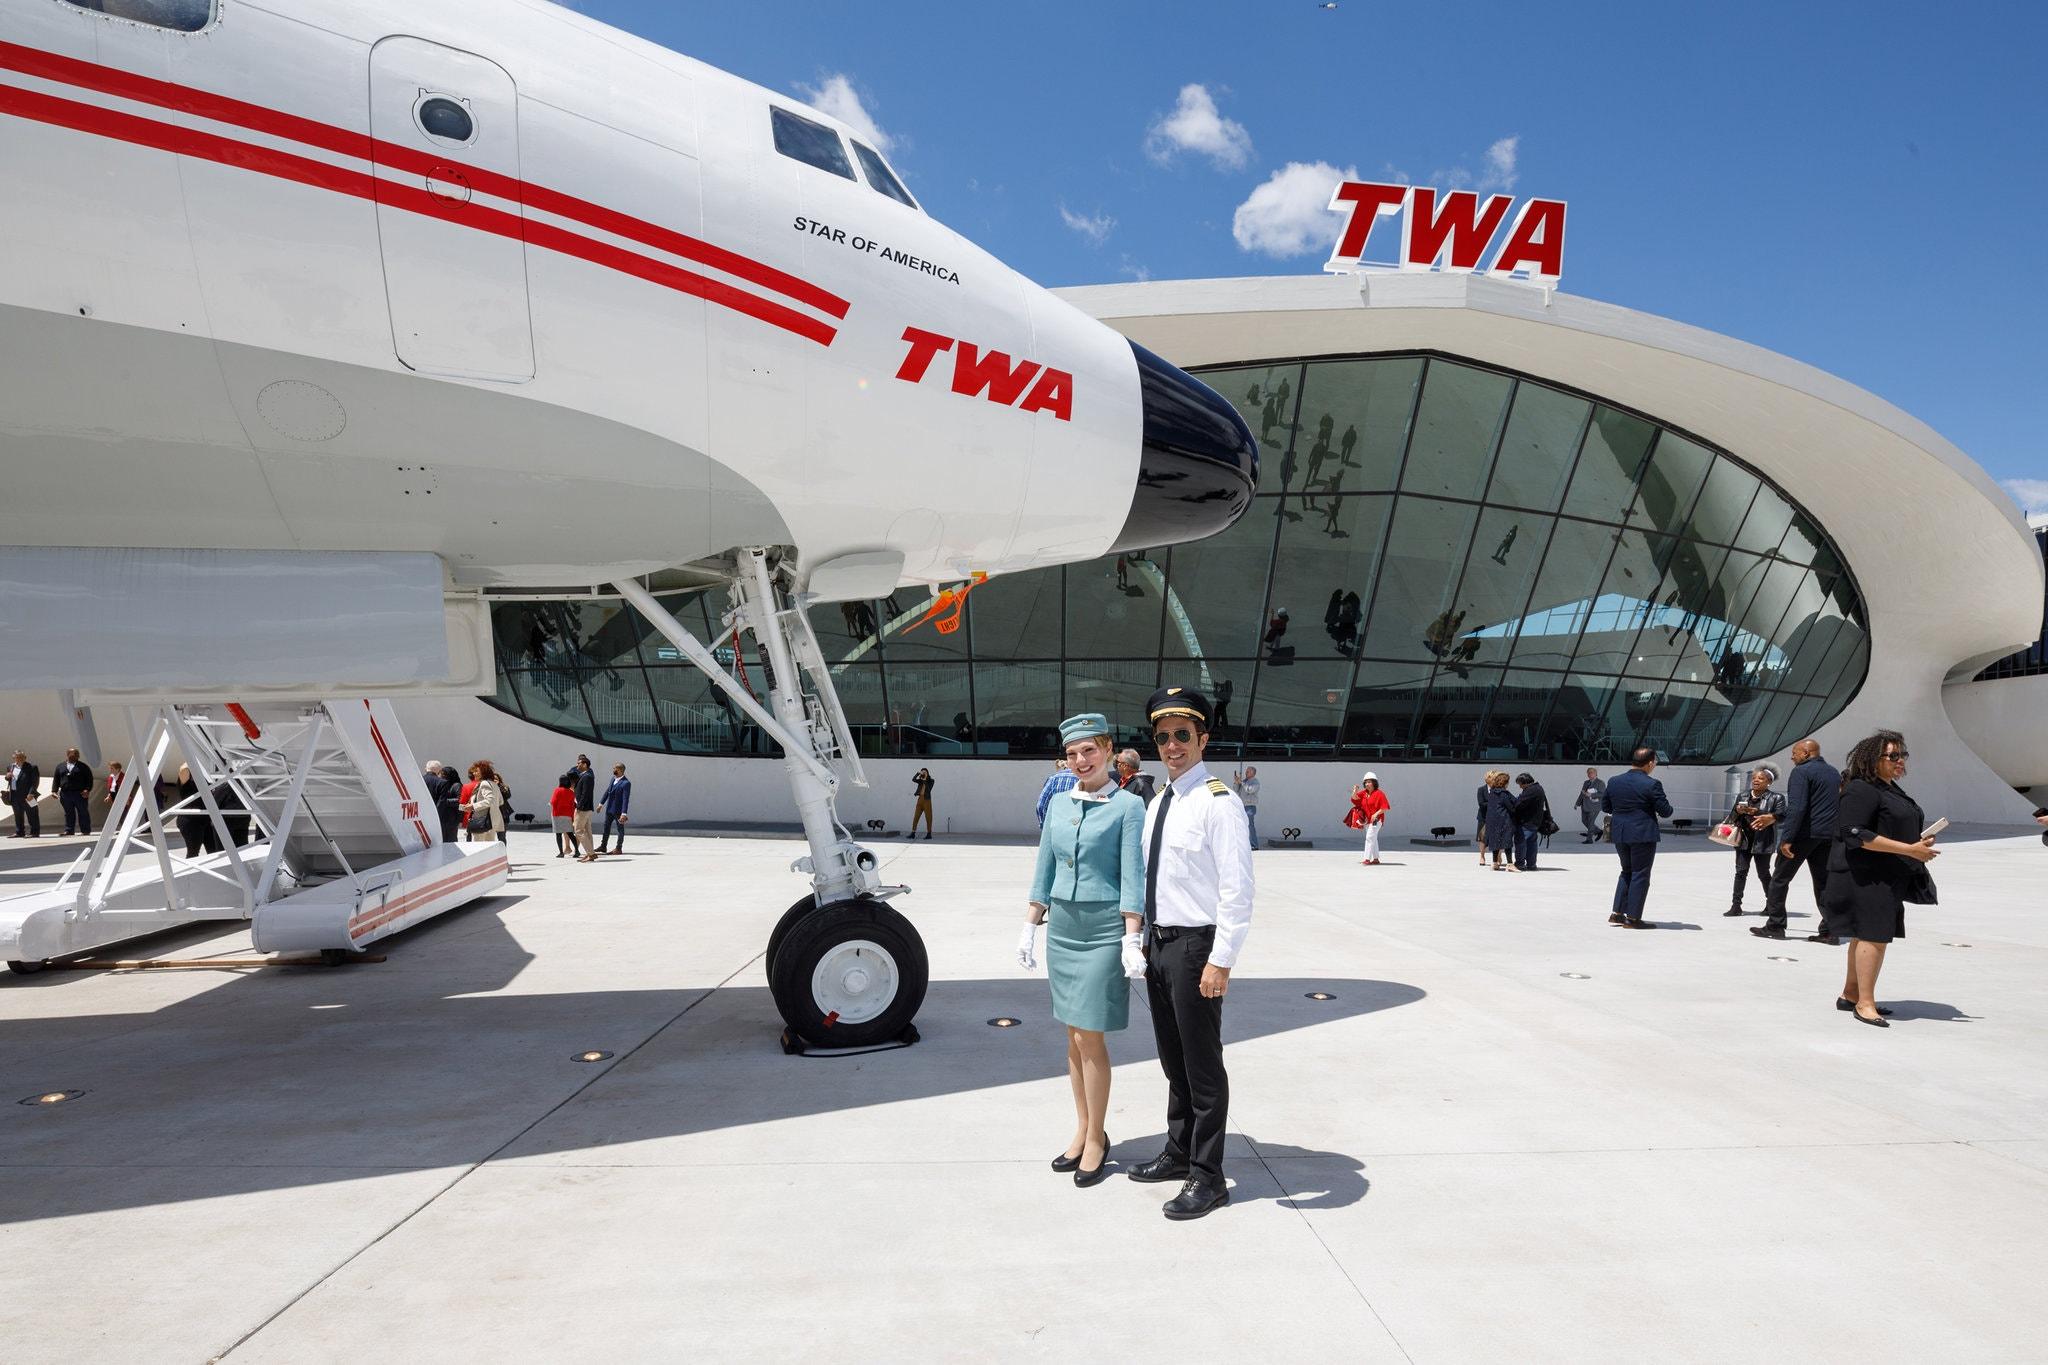 15TWA-HOTEL-slide-VC19-superJumbo.jpg